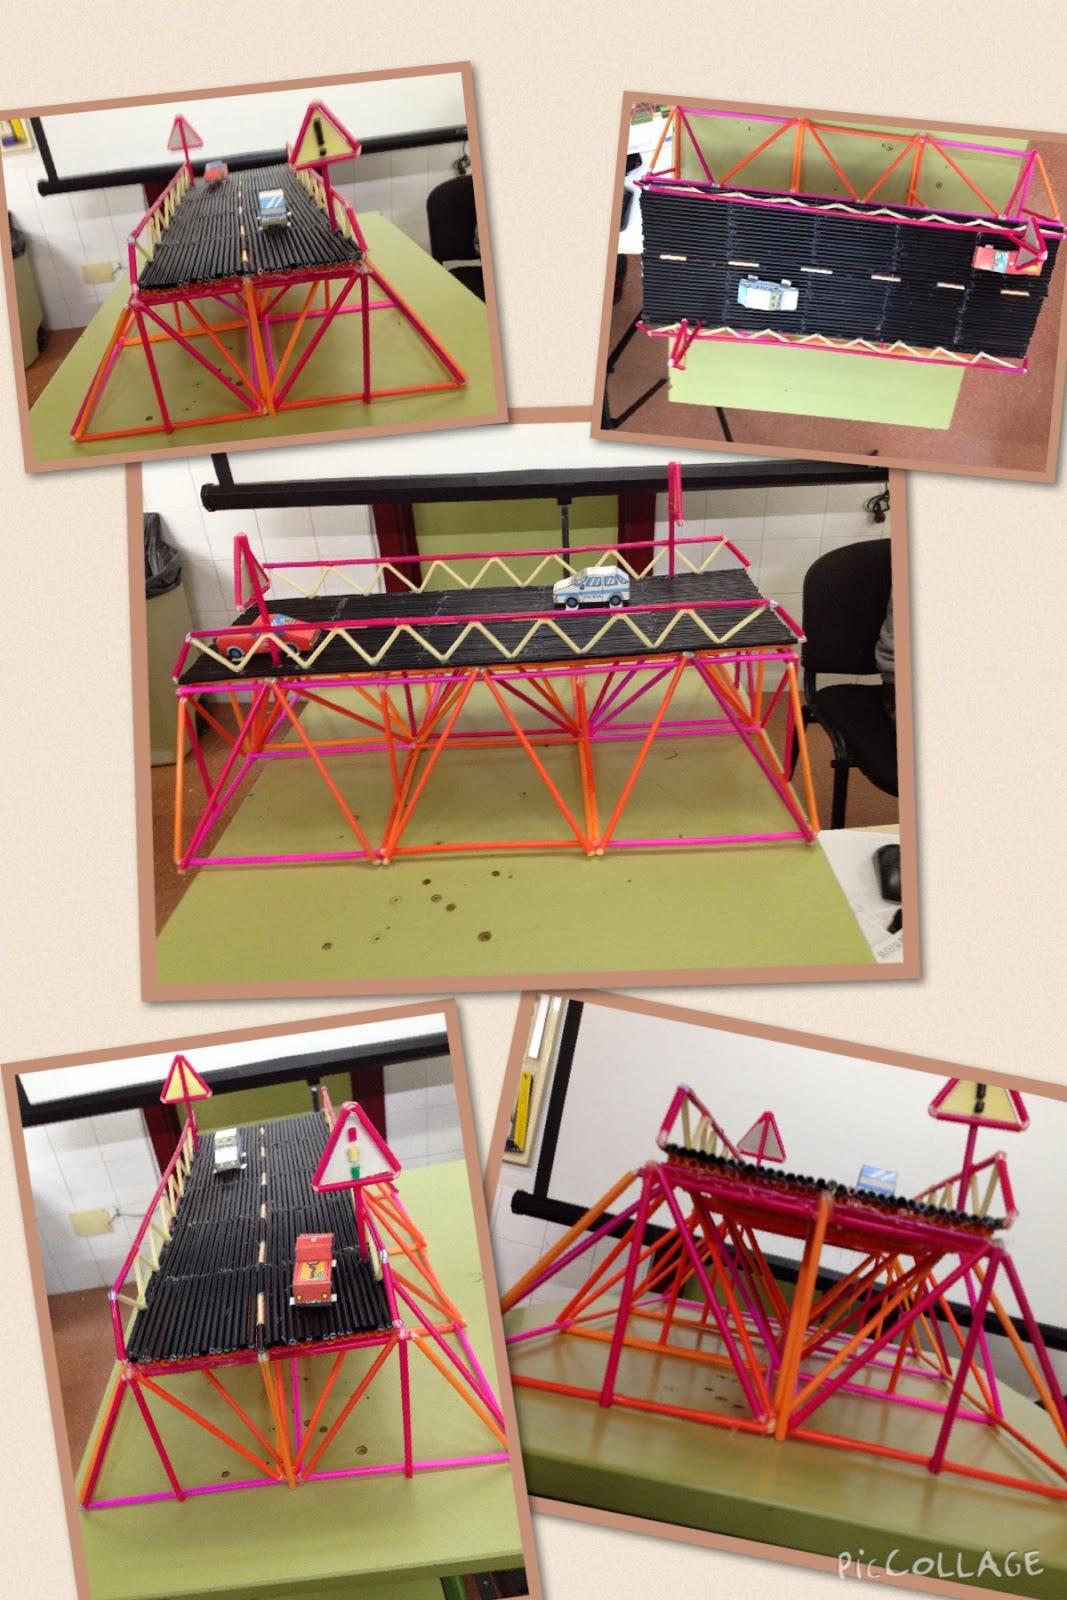 Aula De Tecnologas A Triangular Se Ha Dicho Construyendo Rlopez33 Conceptos Bsicos Electricidad Estructuras En El Taller